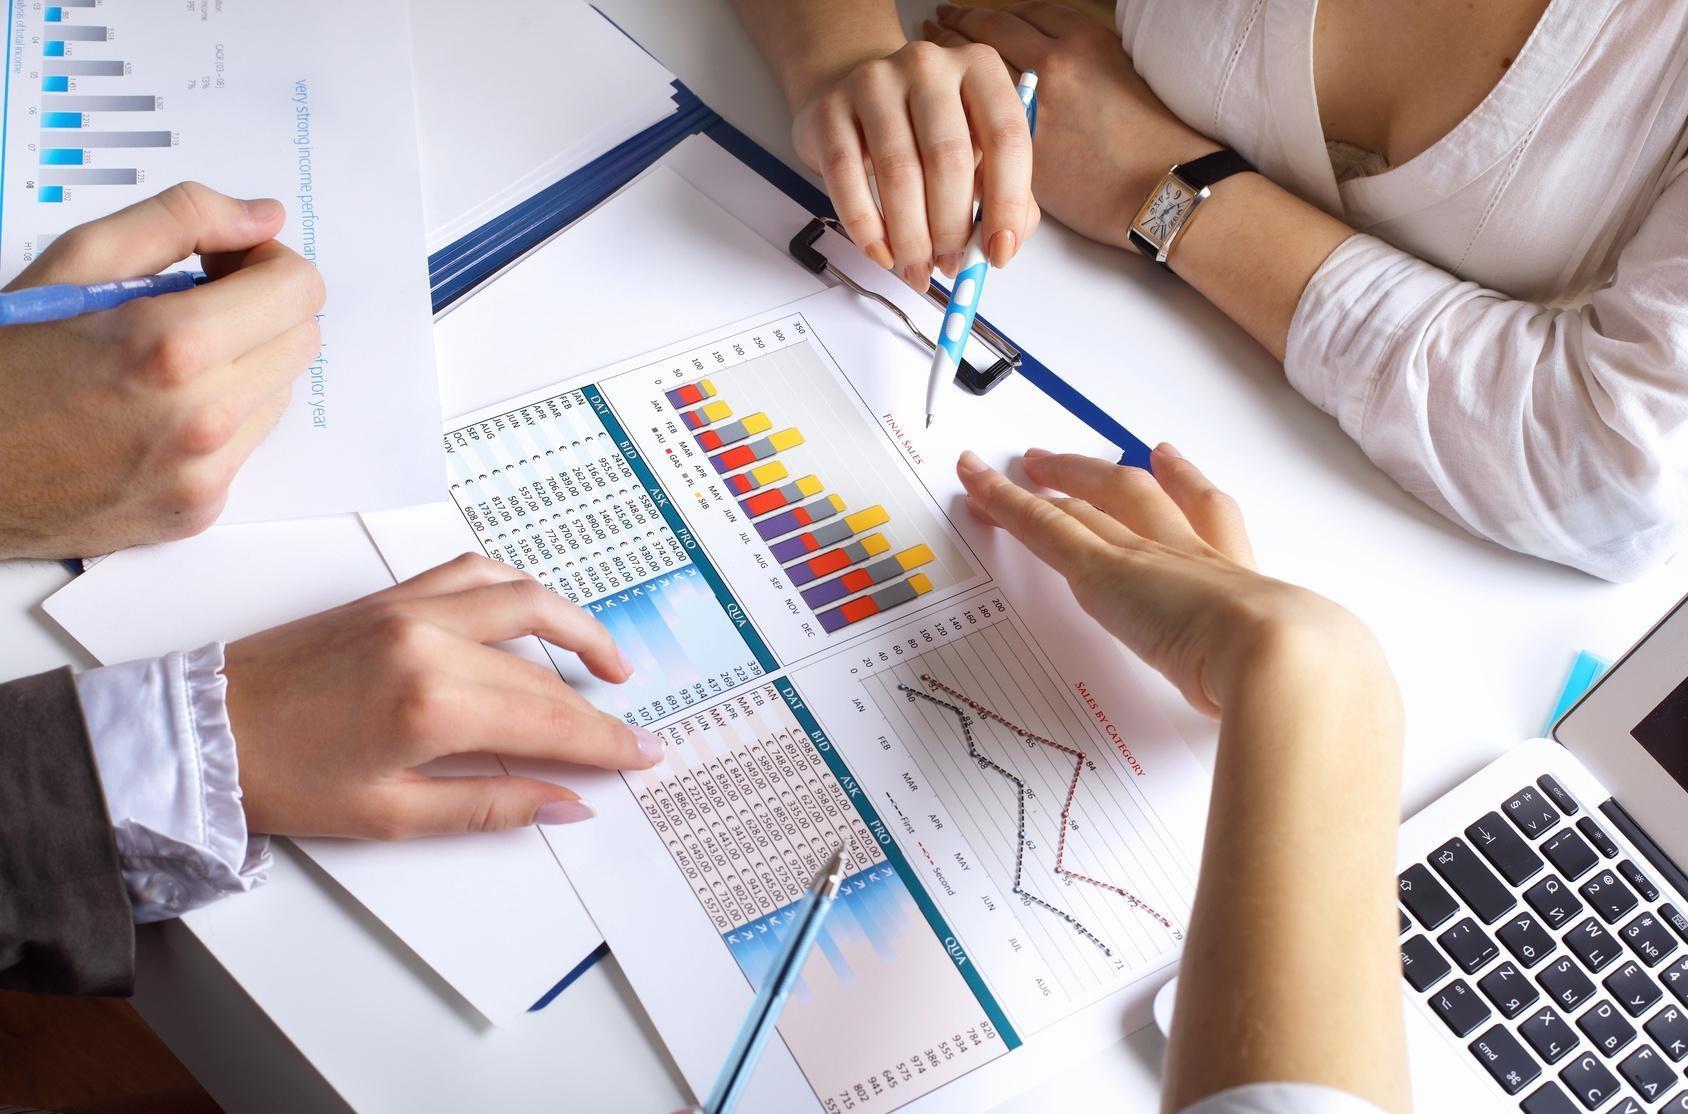 Расходы Нацфонда Казахстана продолжают превышать доходы  , Расход, Нацфонд Казахстана, Доход, Нацфонд, Казахстан